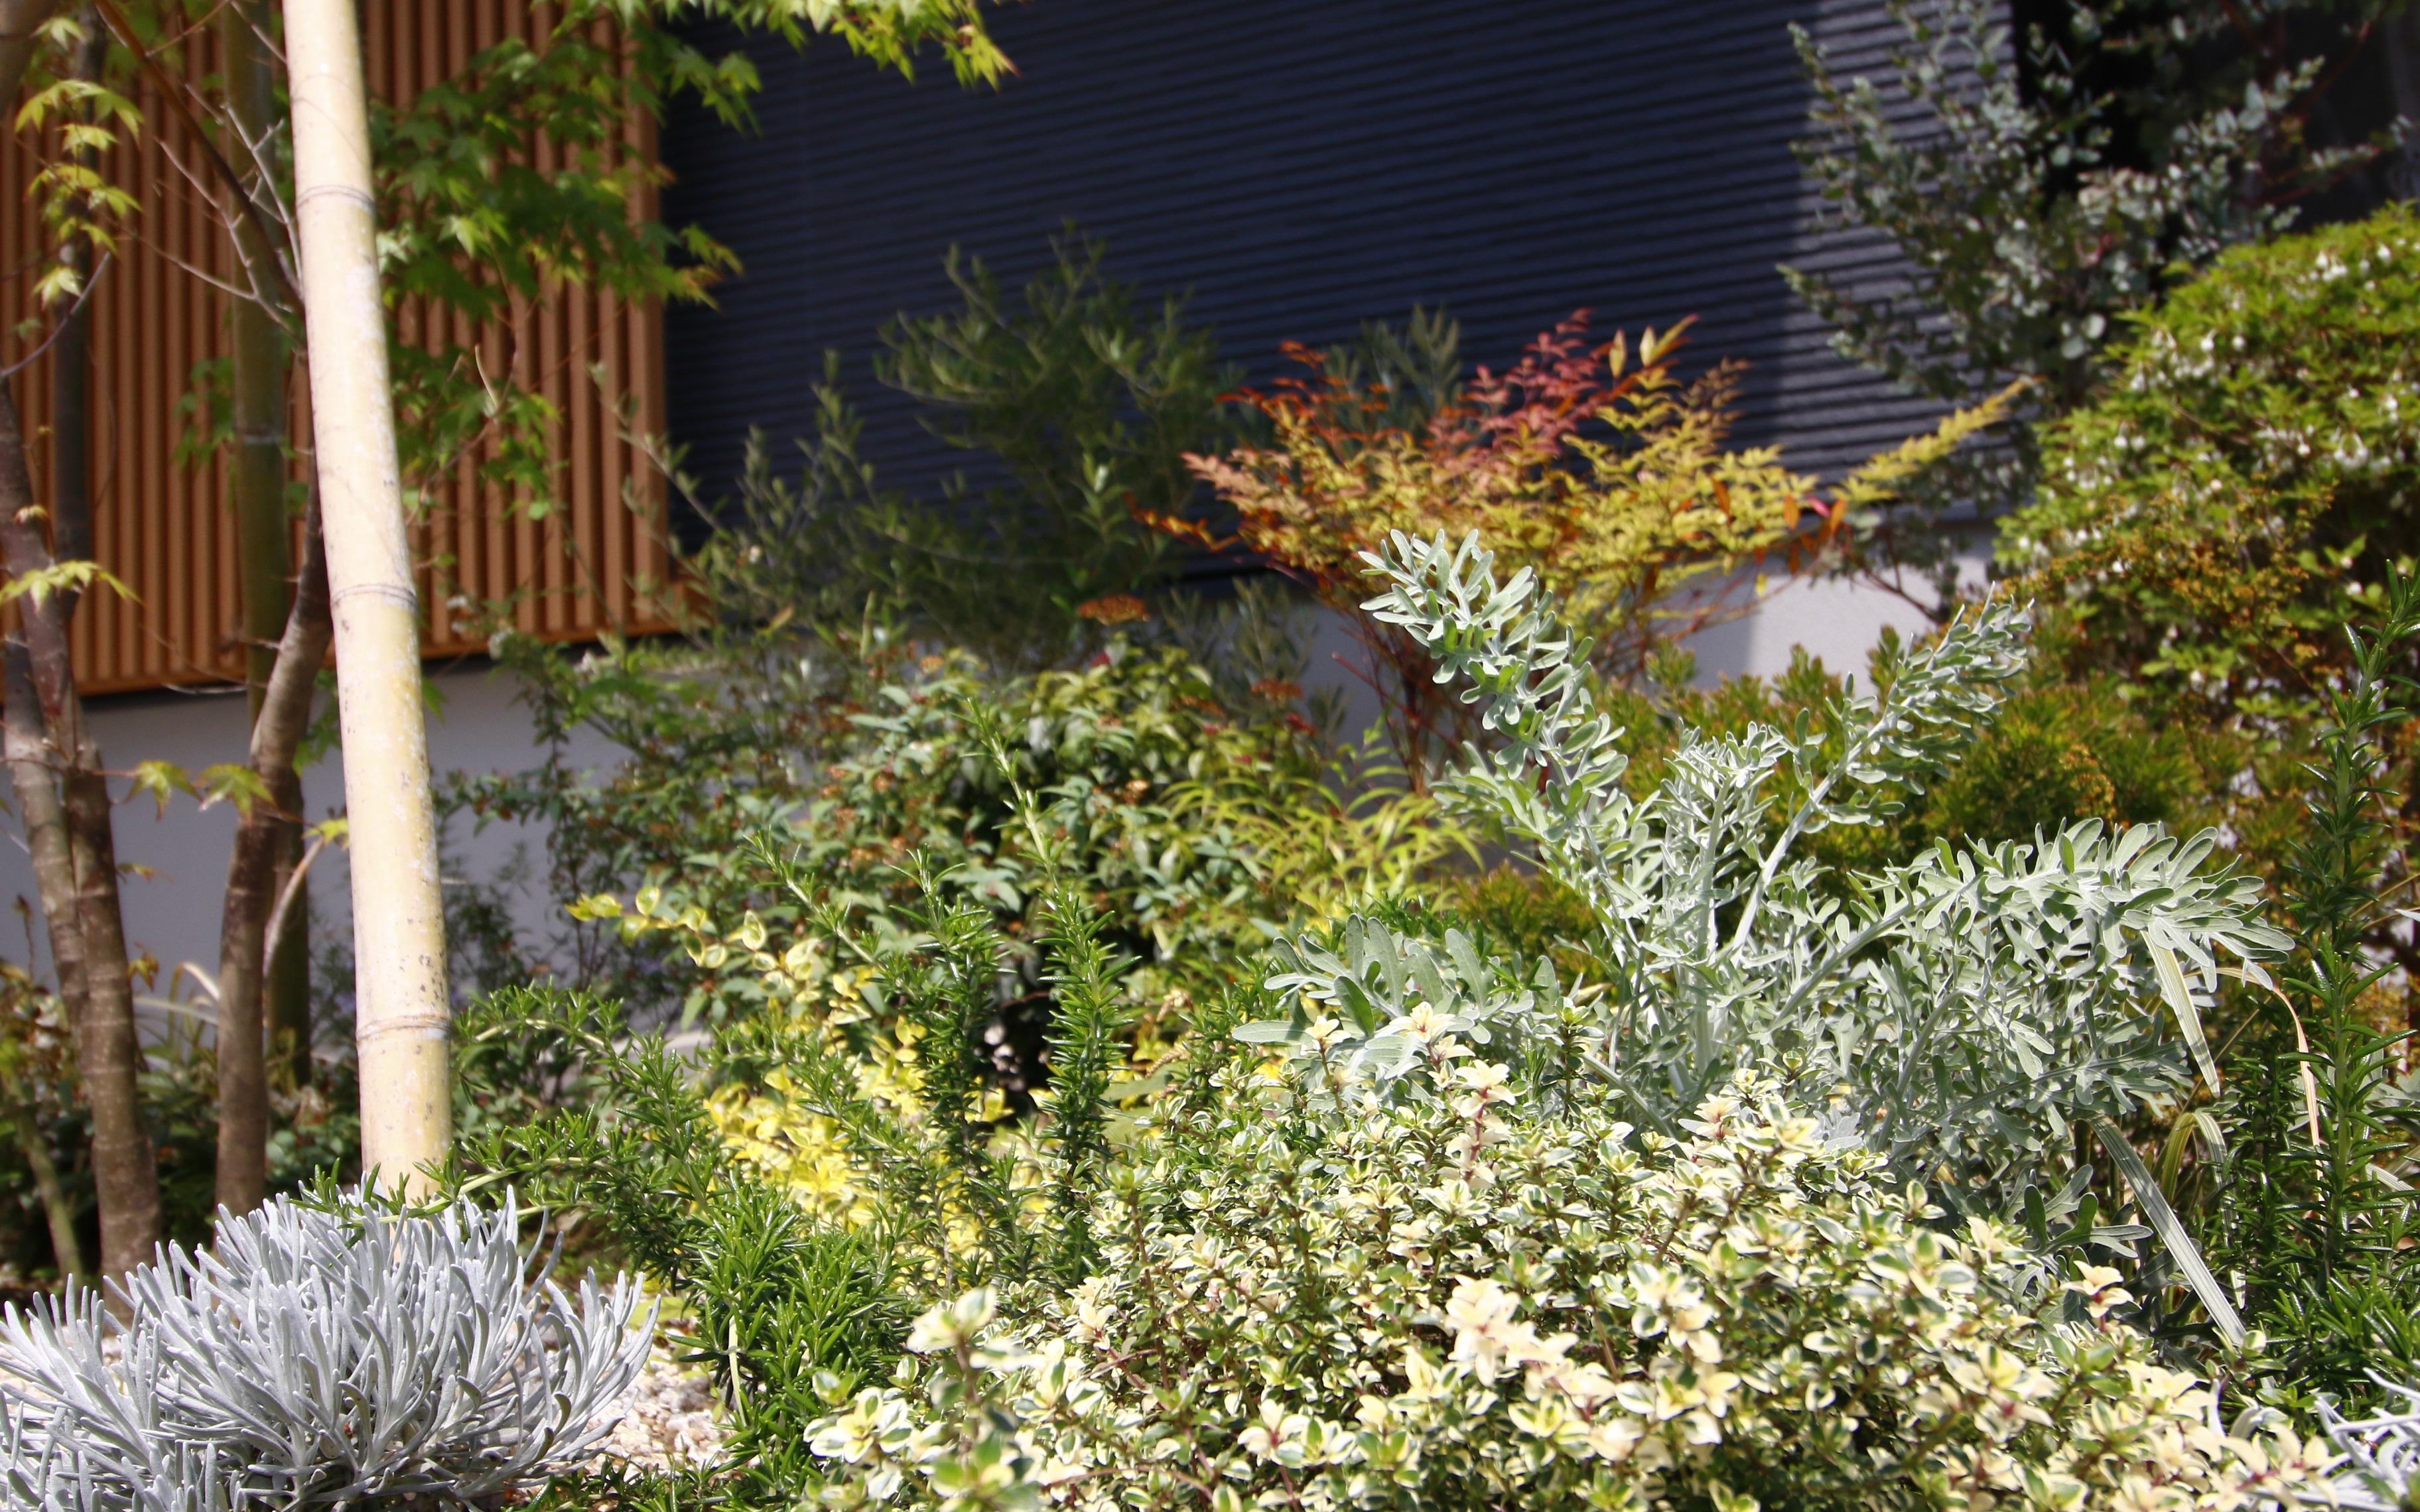 水はけが悪く、植物が育たない・植えられないと諦めていたスペースも、花壇を作り、水はけを良く整備することで、植物にとって良い環境に変えてあげることができます。